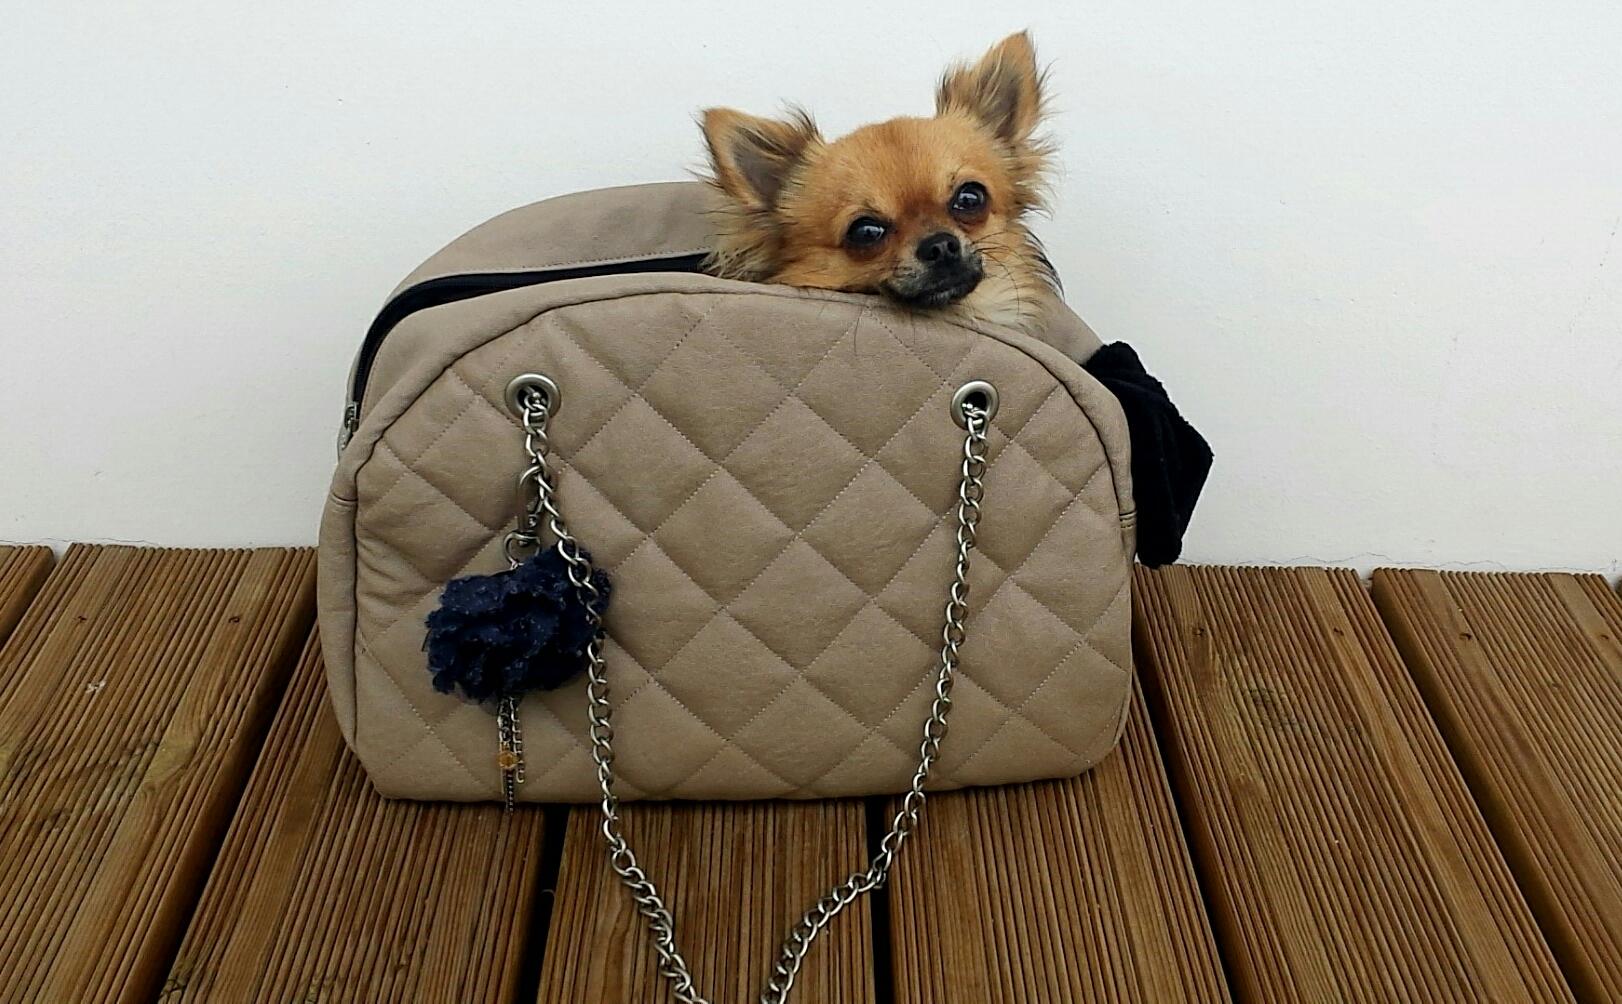 sac a main pour chien chihuahua